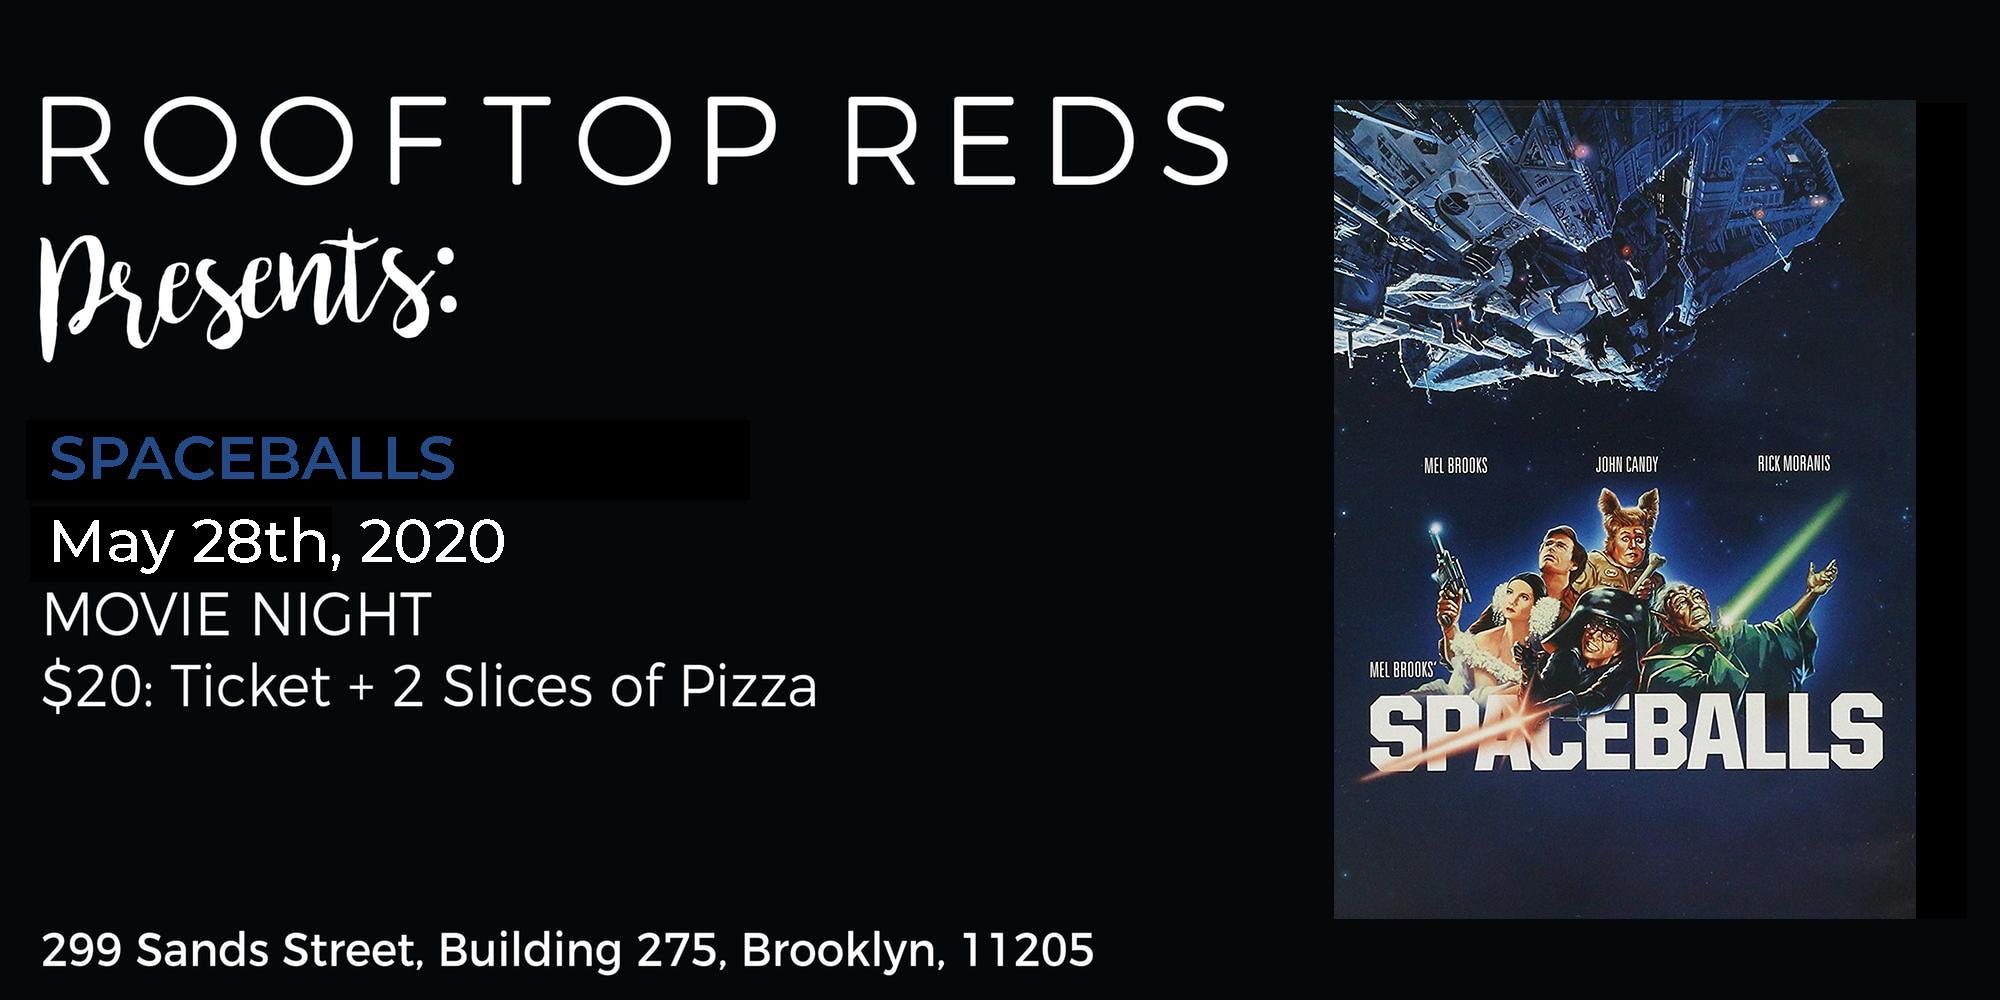 Rooftop Reds Presents: Spaceballs